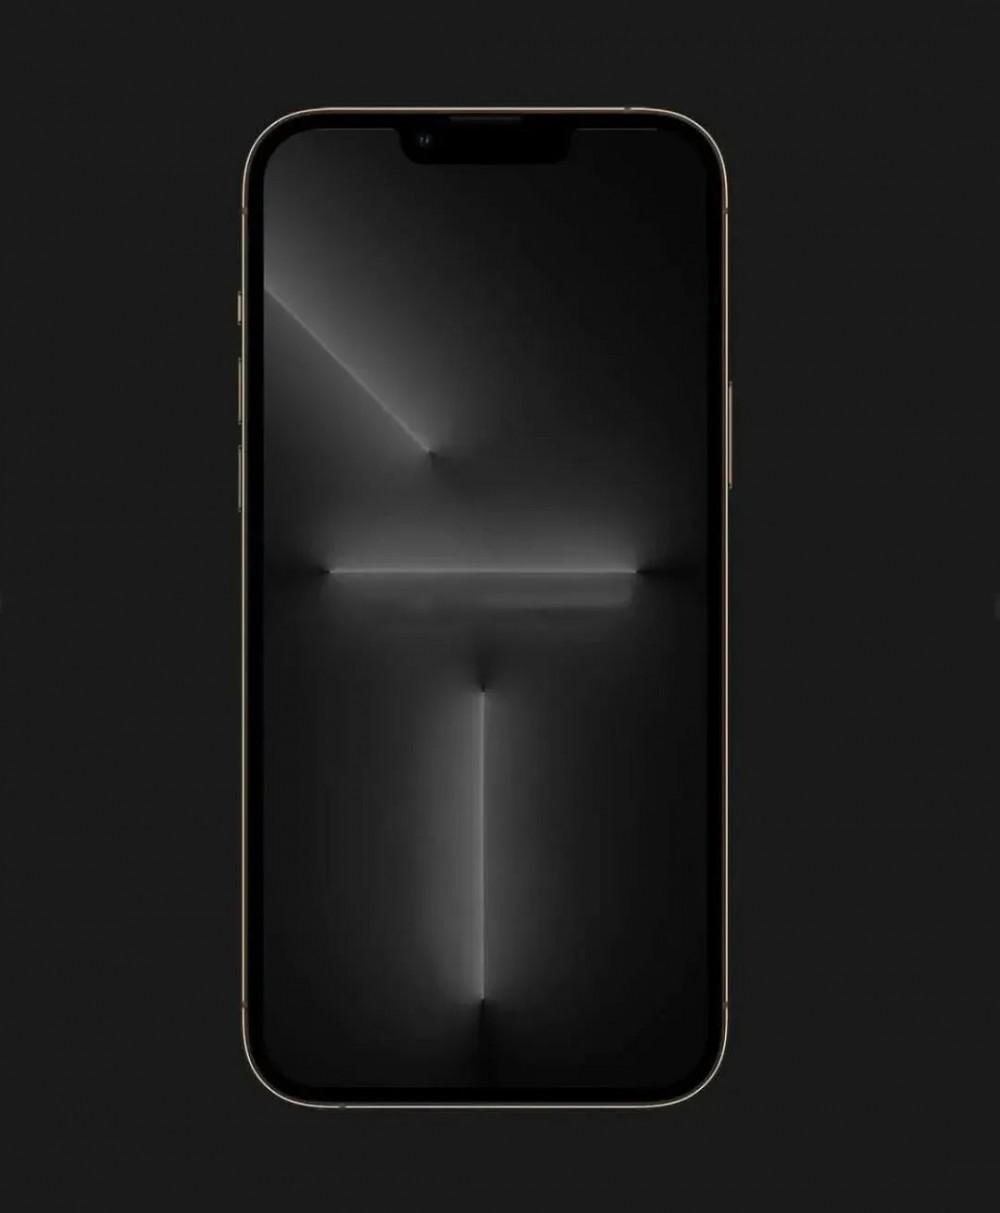 最新的iphone13 pro样机来了!速速用上~插图(16)